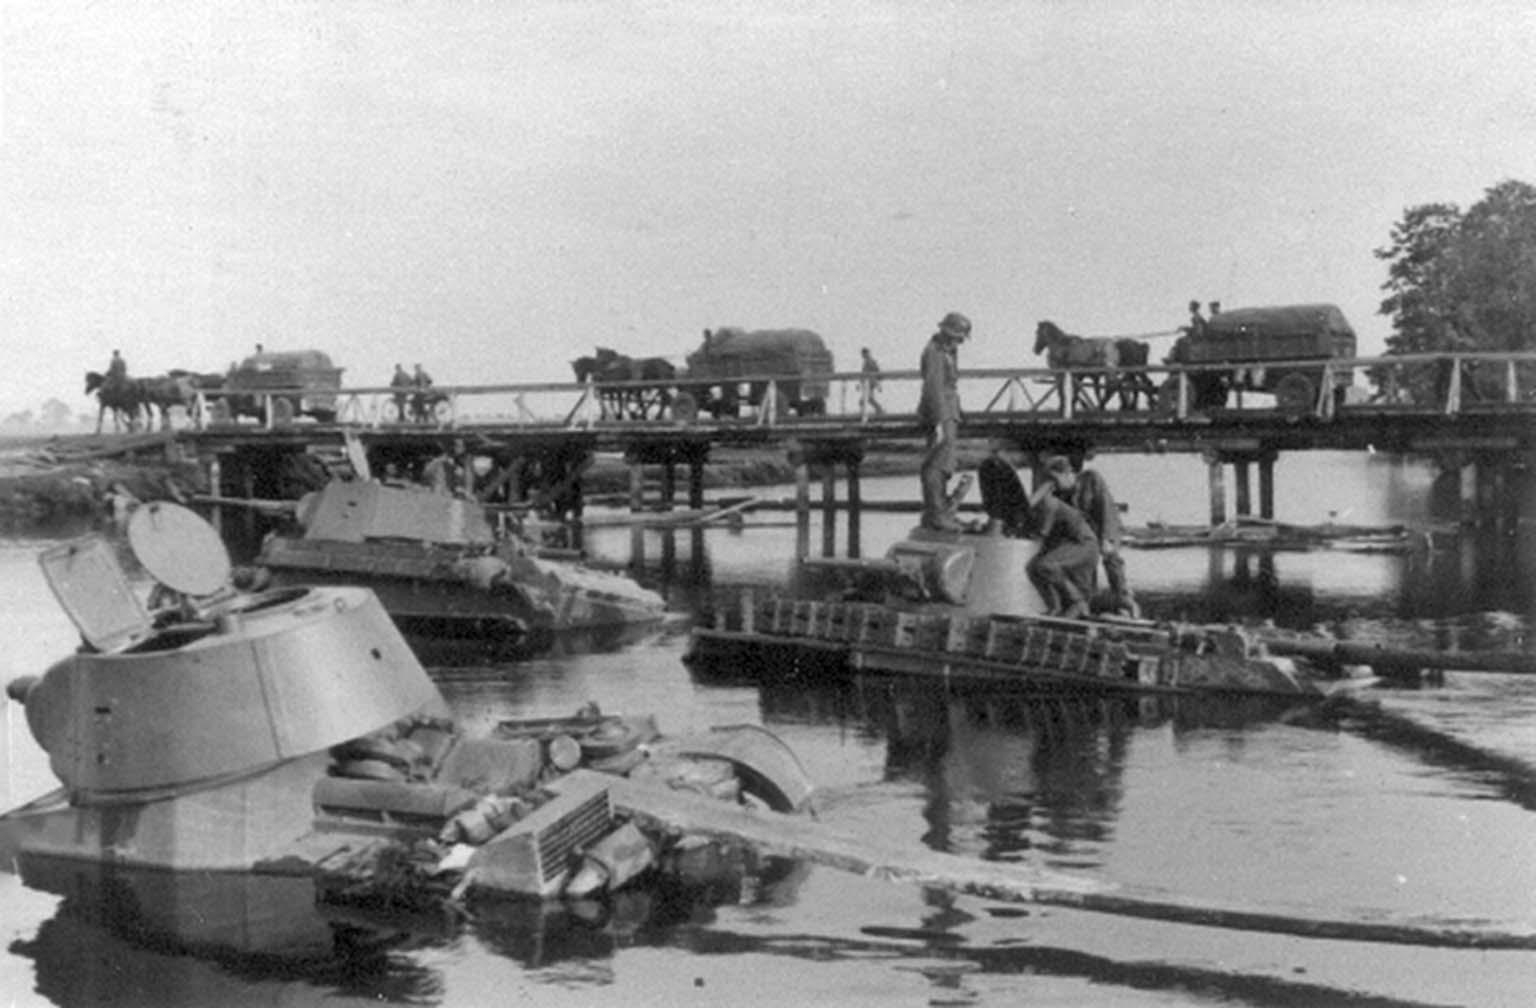 T-26, BT-7